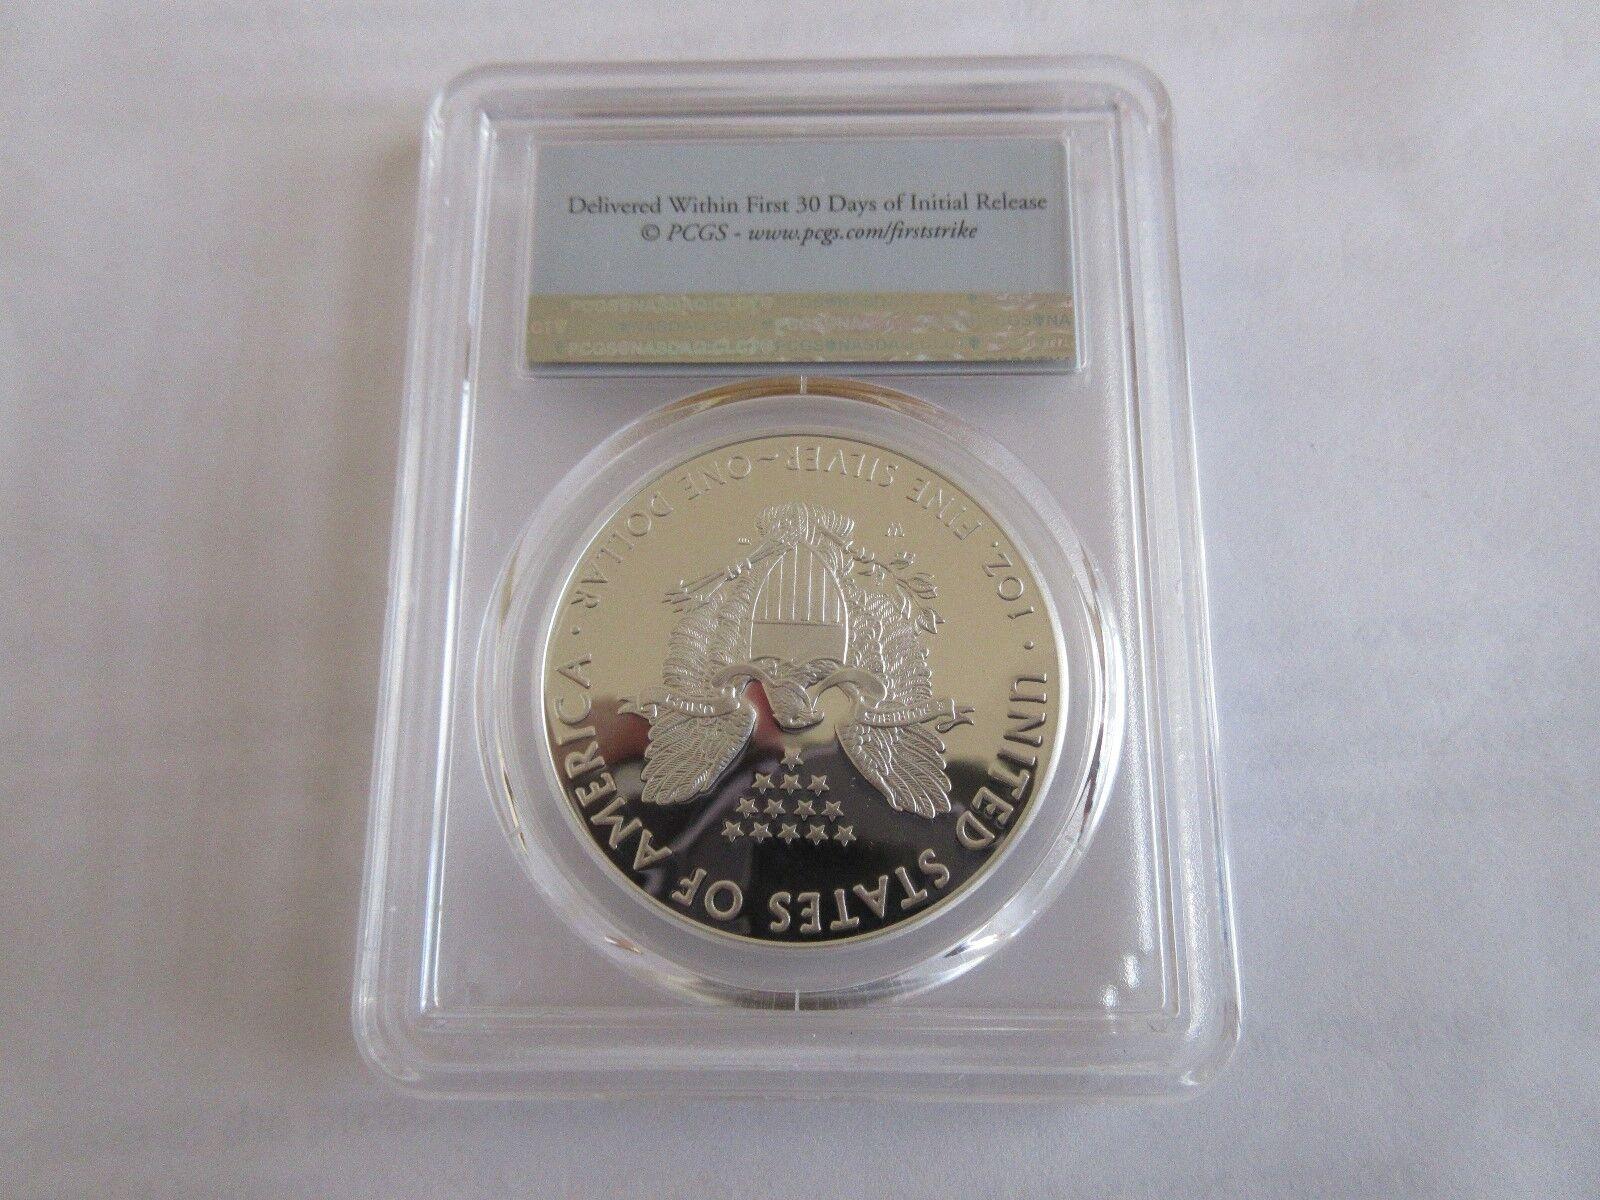 2016-W Silver Eagle $1 PCGS PR70DCAM 30th Anniversary L